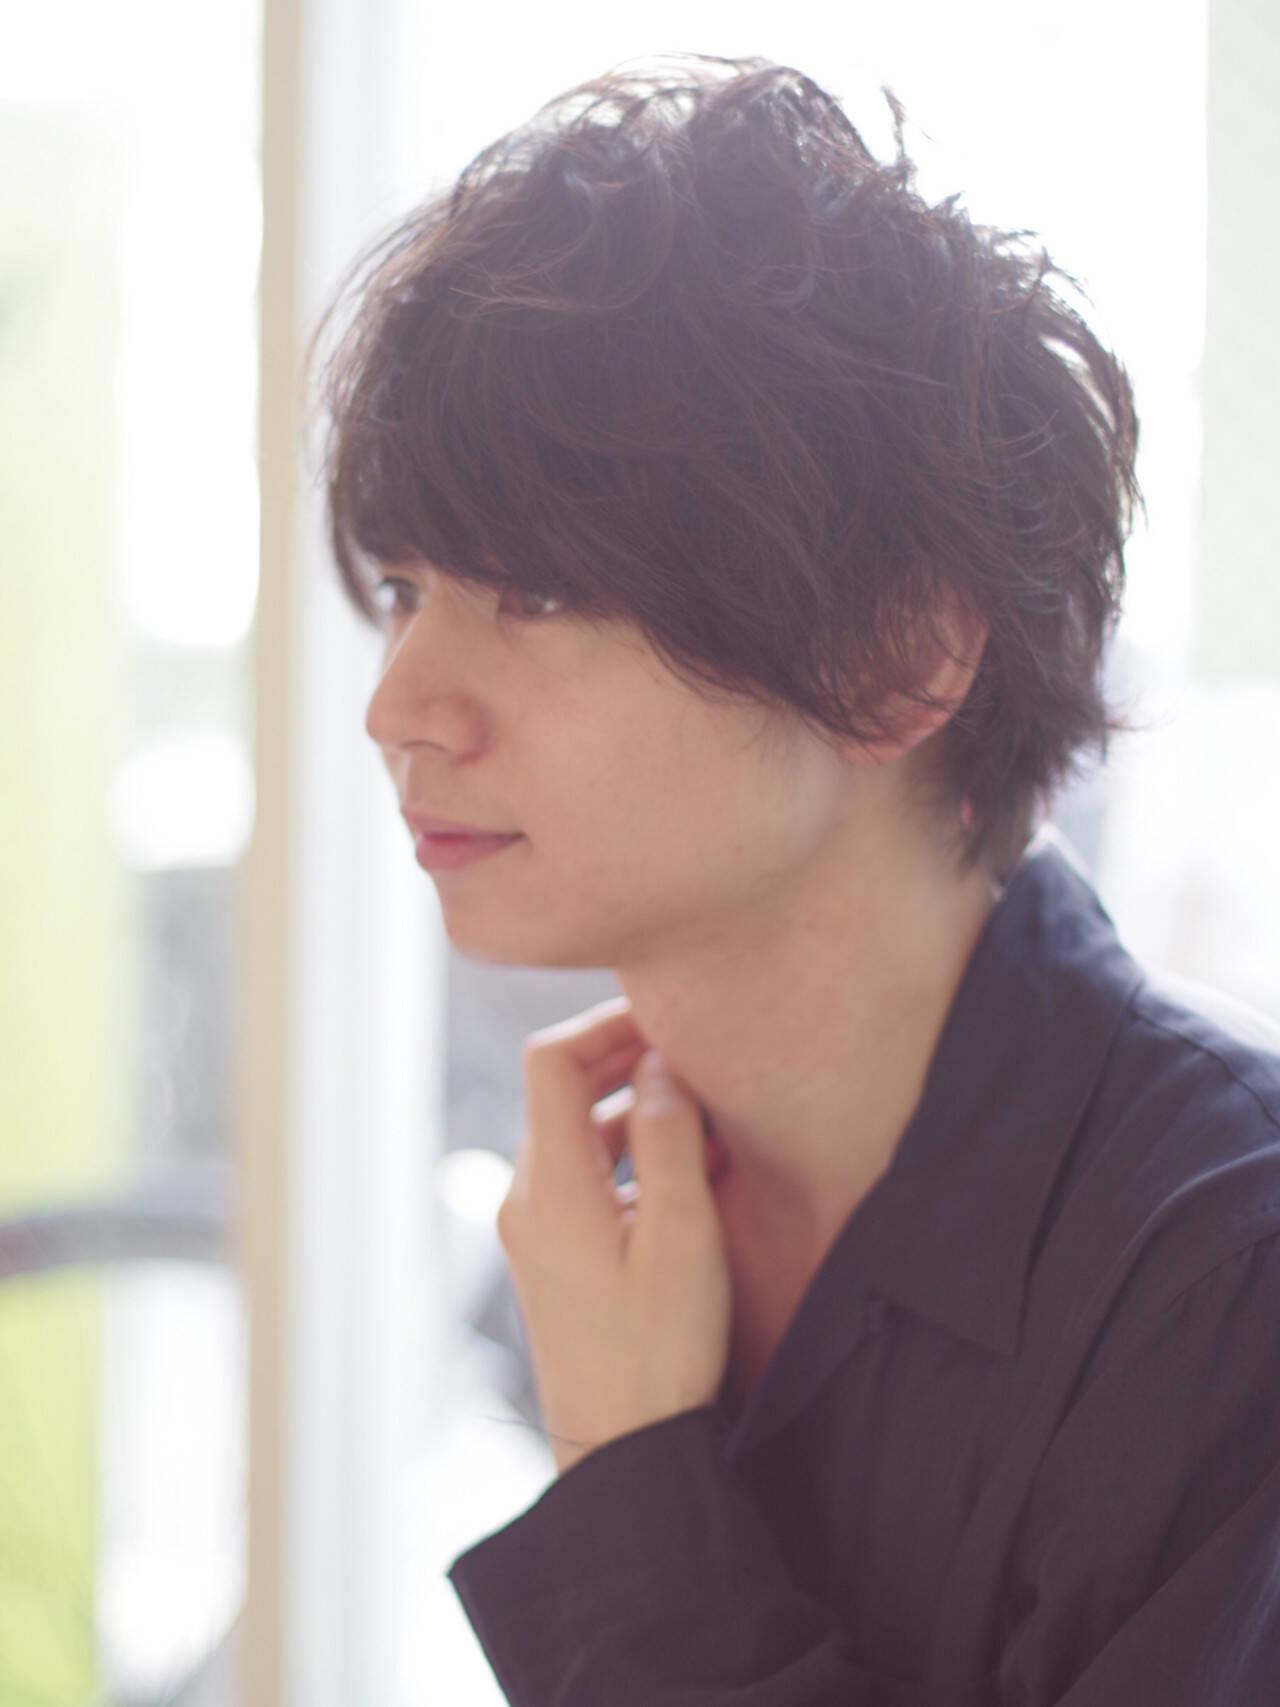 ボーイッシュ モテ髪 パーマ ショートヘアスタイルや髪型の写真・画像